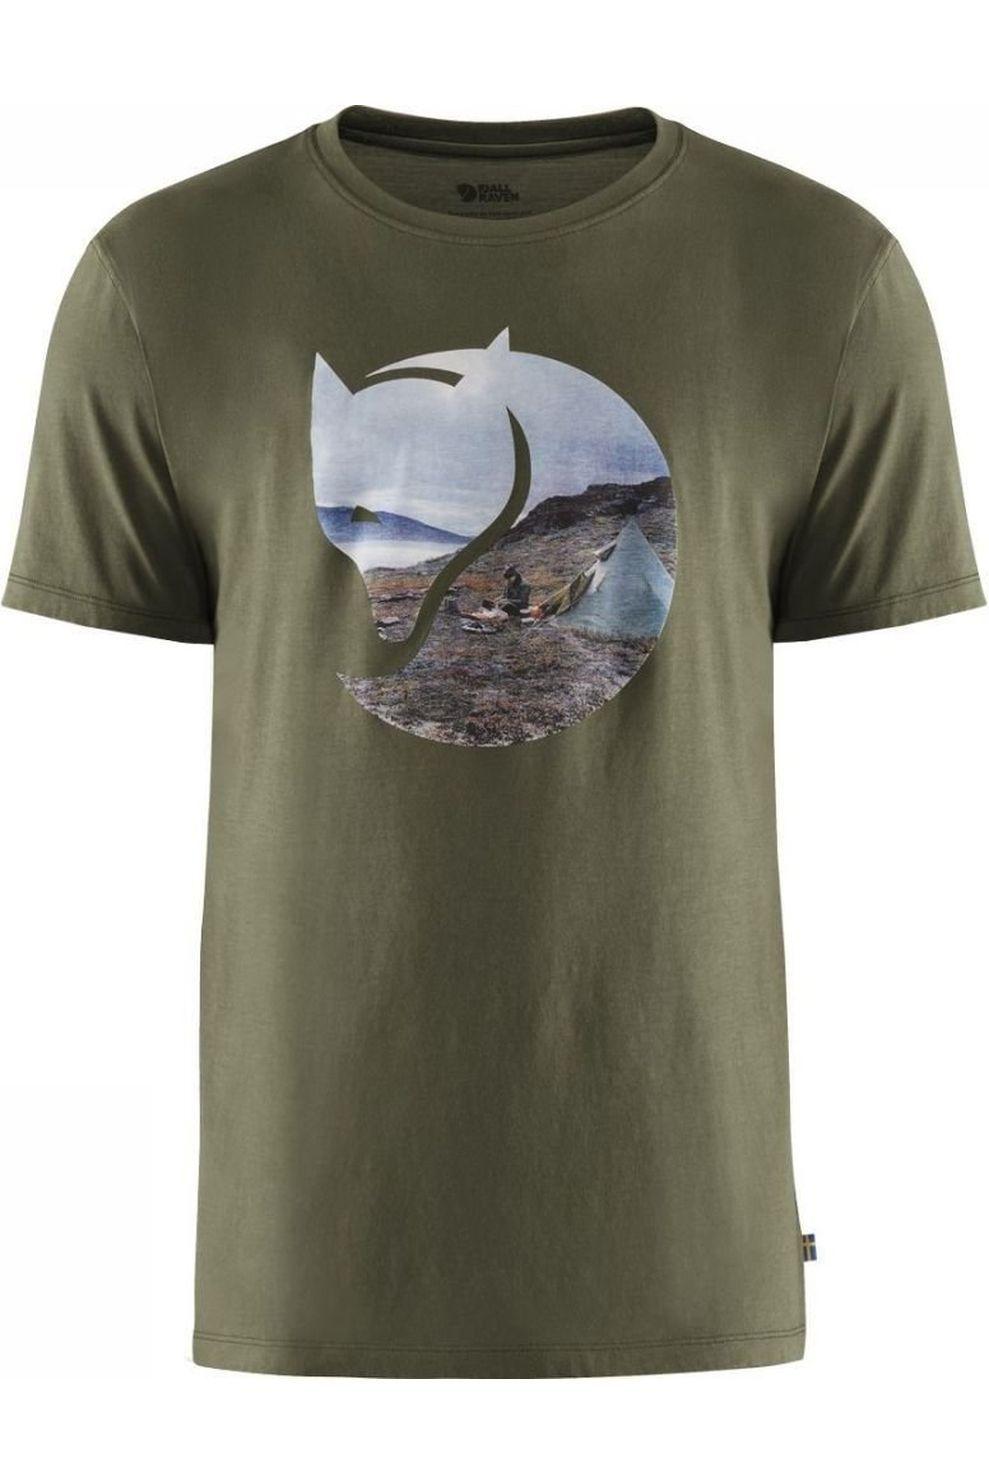 Fjällräven T-Shirt Gädgaureh '78 voor heren - MiddenGroen - Maten: S, M, L, XL, XXL